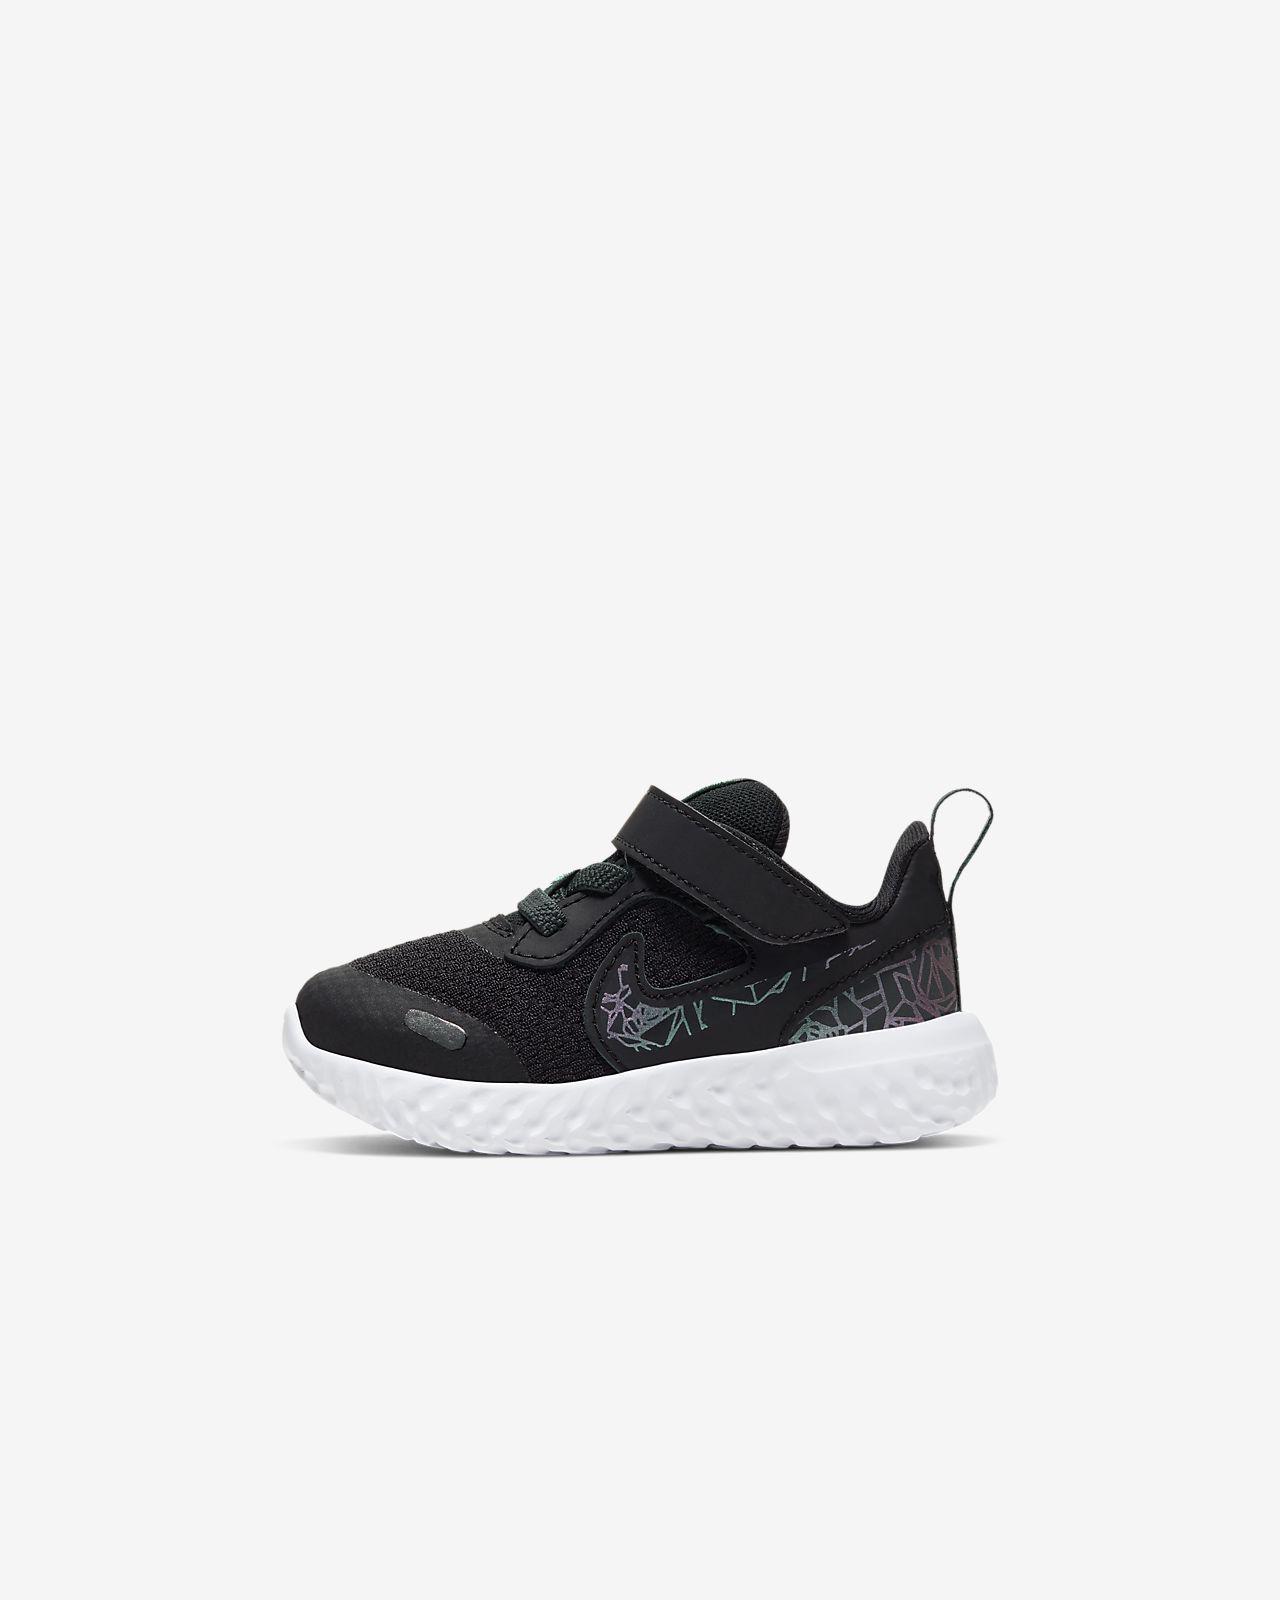 Nike Revolution 5 Rebel Schoen voor baby's/peuters